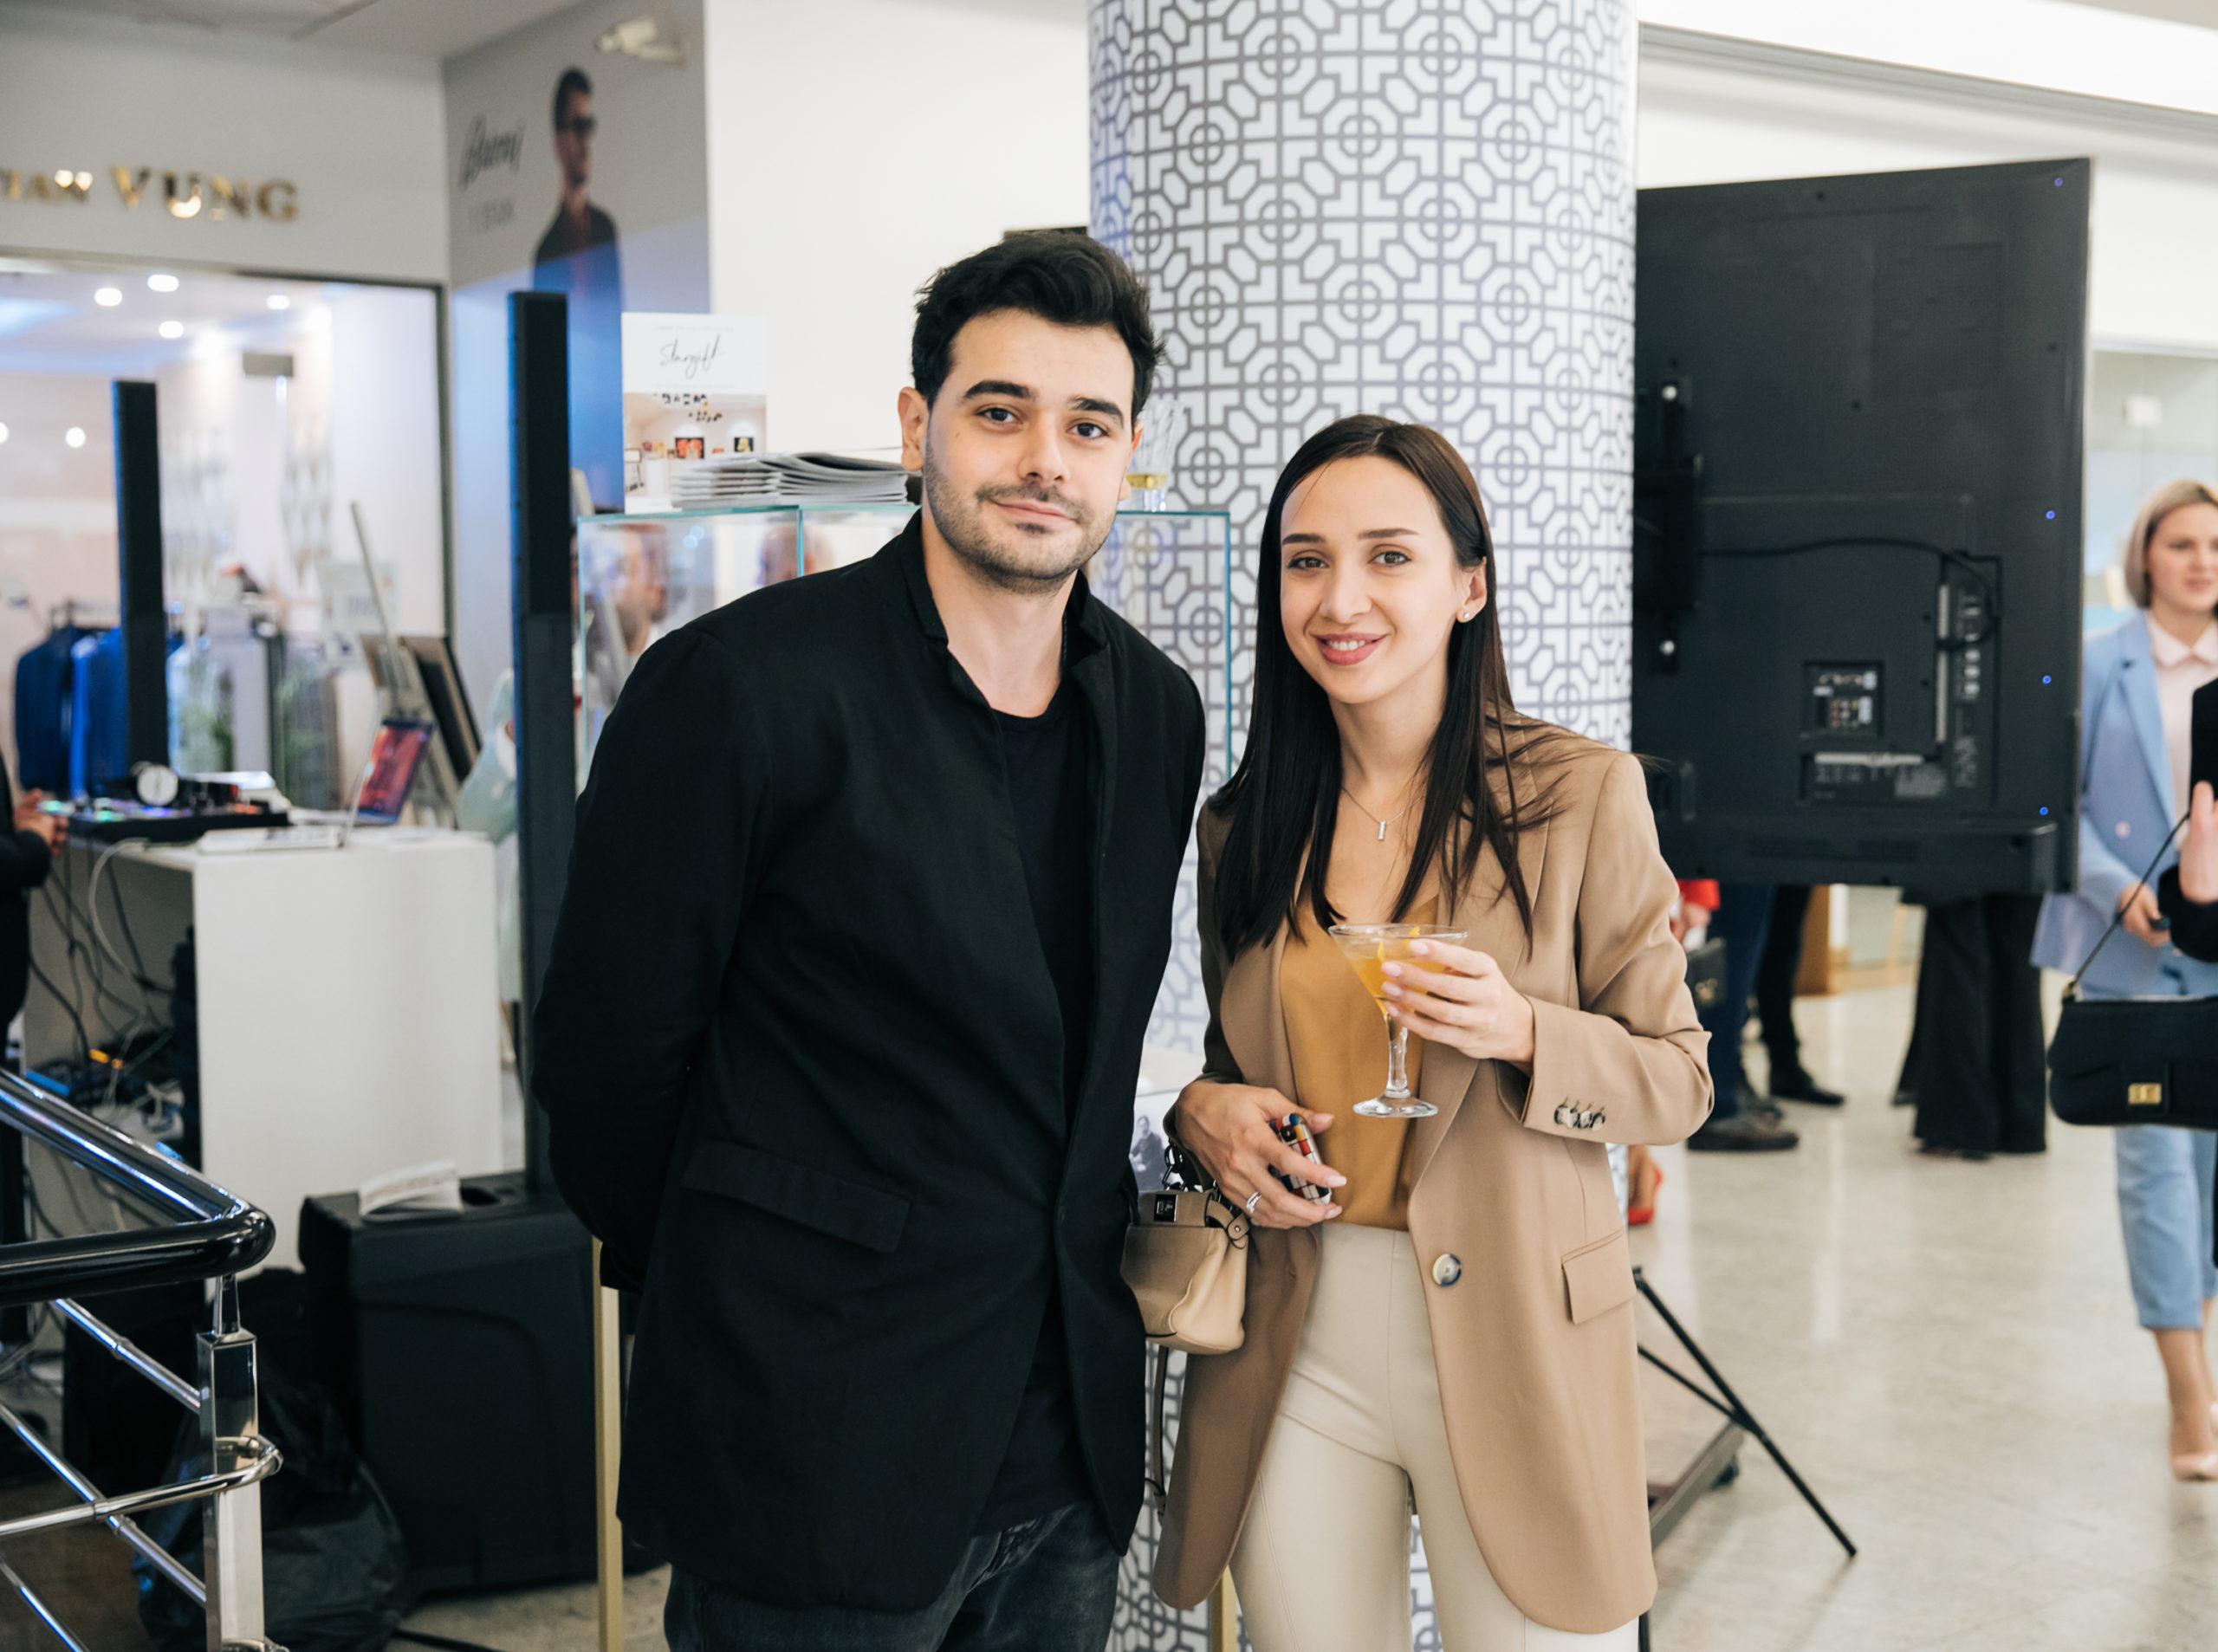 Микаэл Арамян и другие на открытии галереи-бутика Stargift, где можно увидеть палочку Гарри Поттера